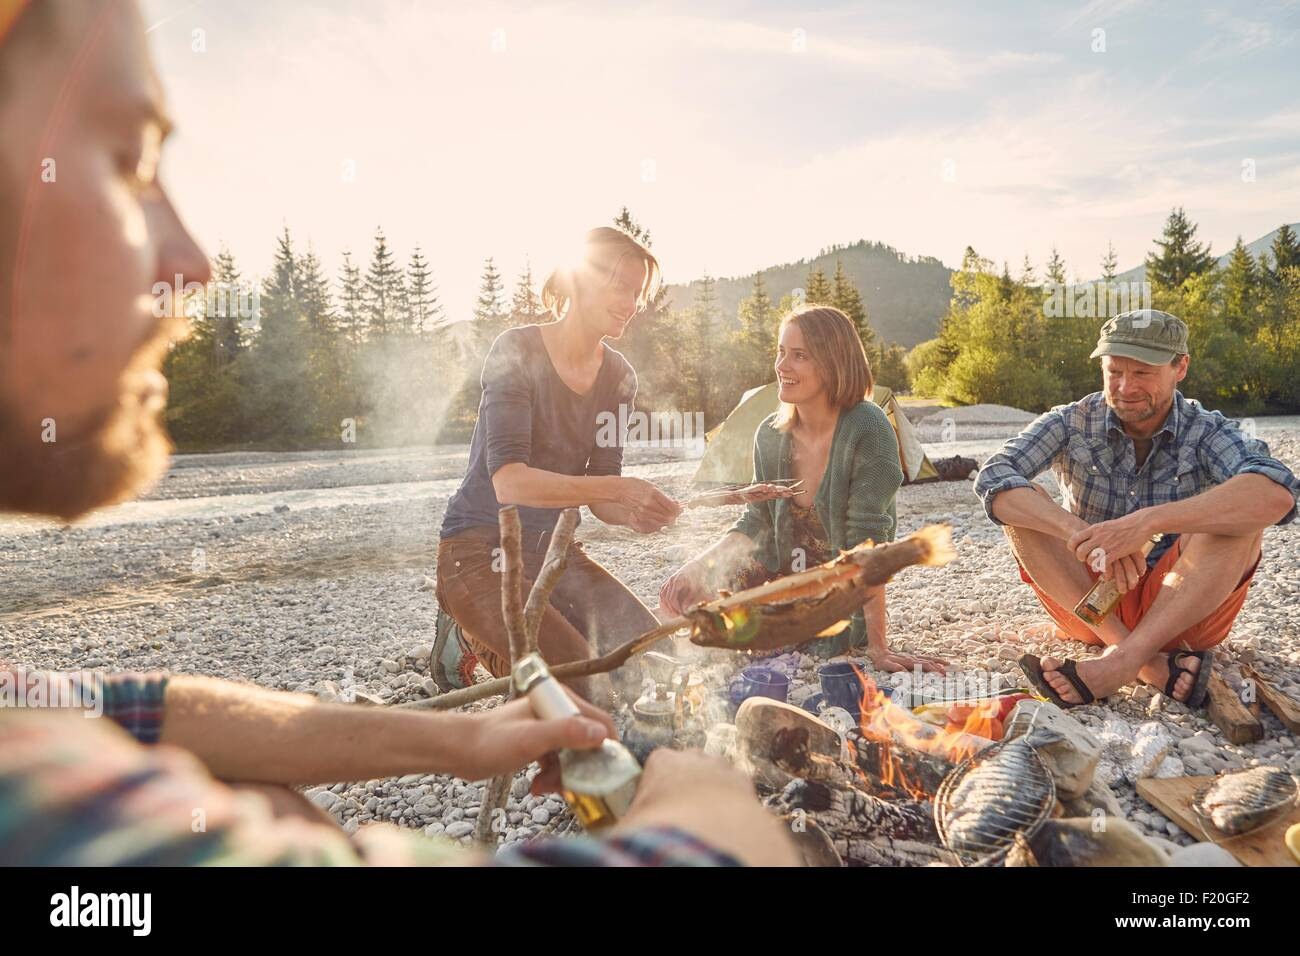 Los adultos sentados alrededor de una fogata Cocinando pescado Imagen De Stock